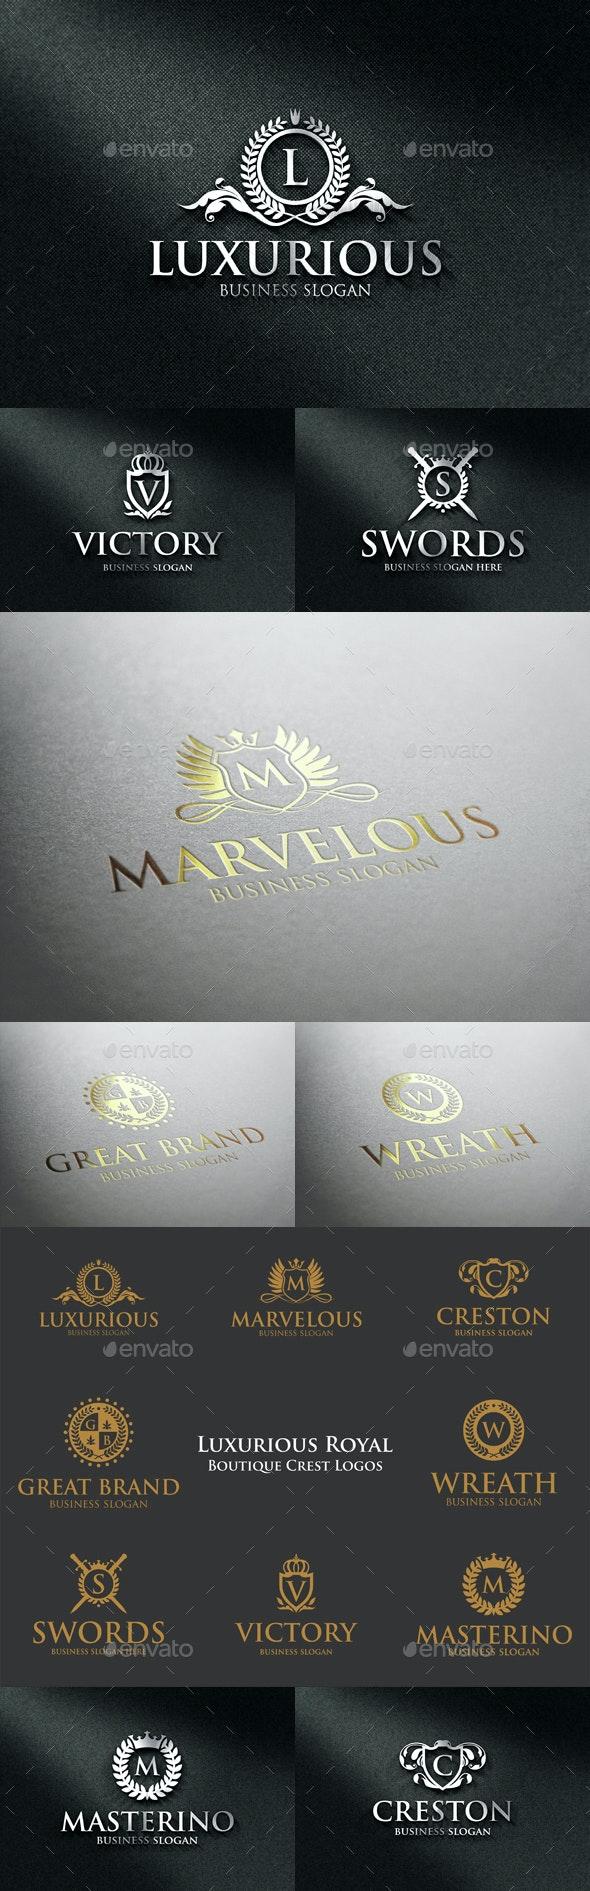 Luxurious Royal Boutique Crest Logos - Badges & Stickers Web Elements